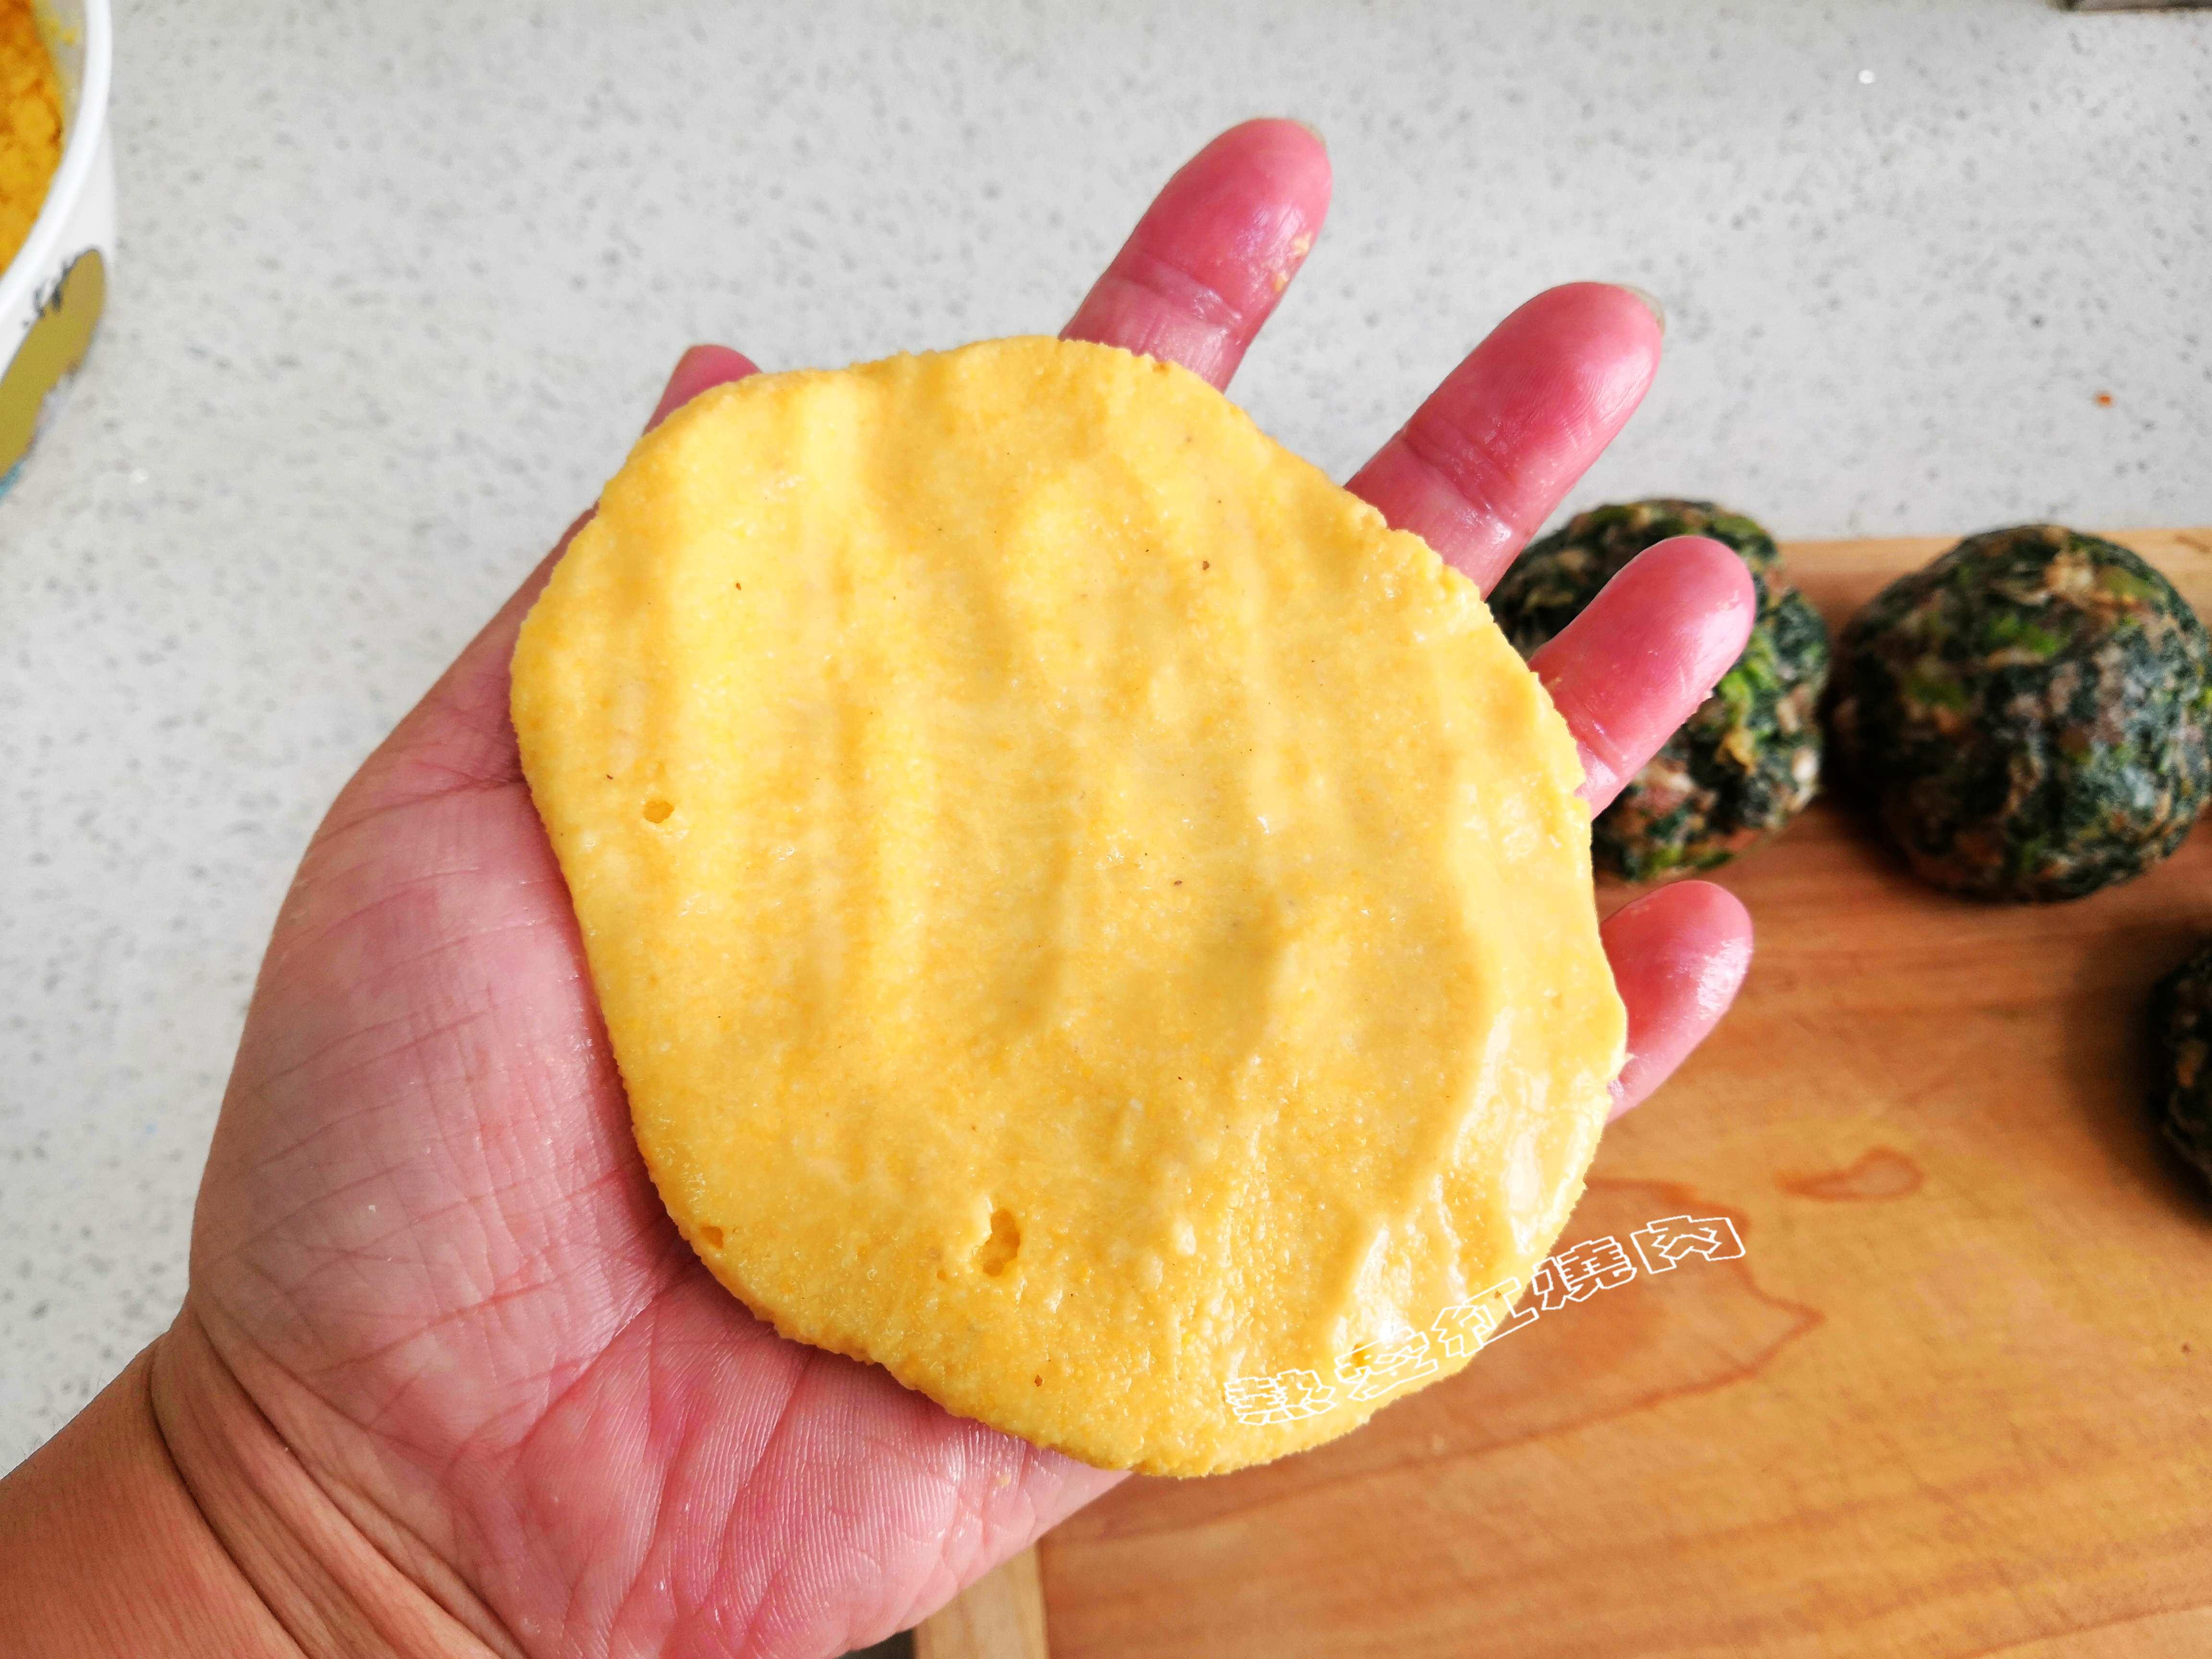 一点白面也不掺,这才是真正的玉米面贴饼子,外壳焦脆太好吃了!